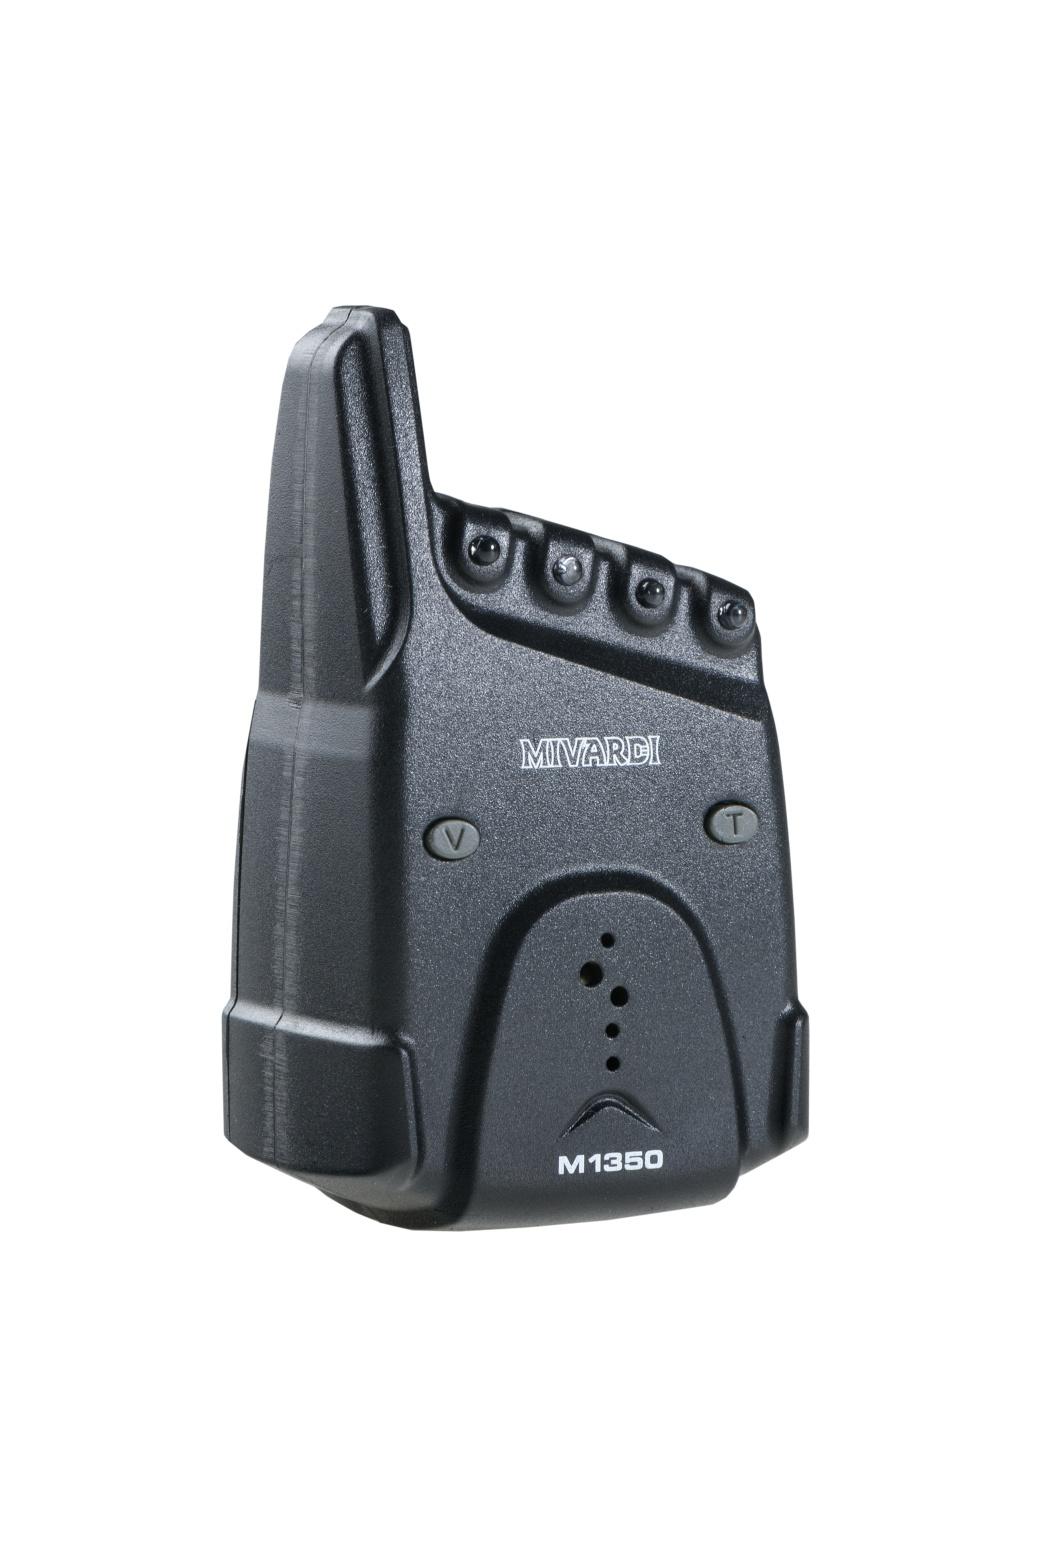 MIVARDI Sada signalizátorov M1350 Wireless (2+1)